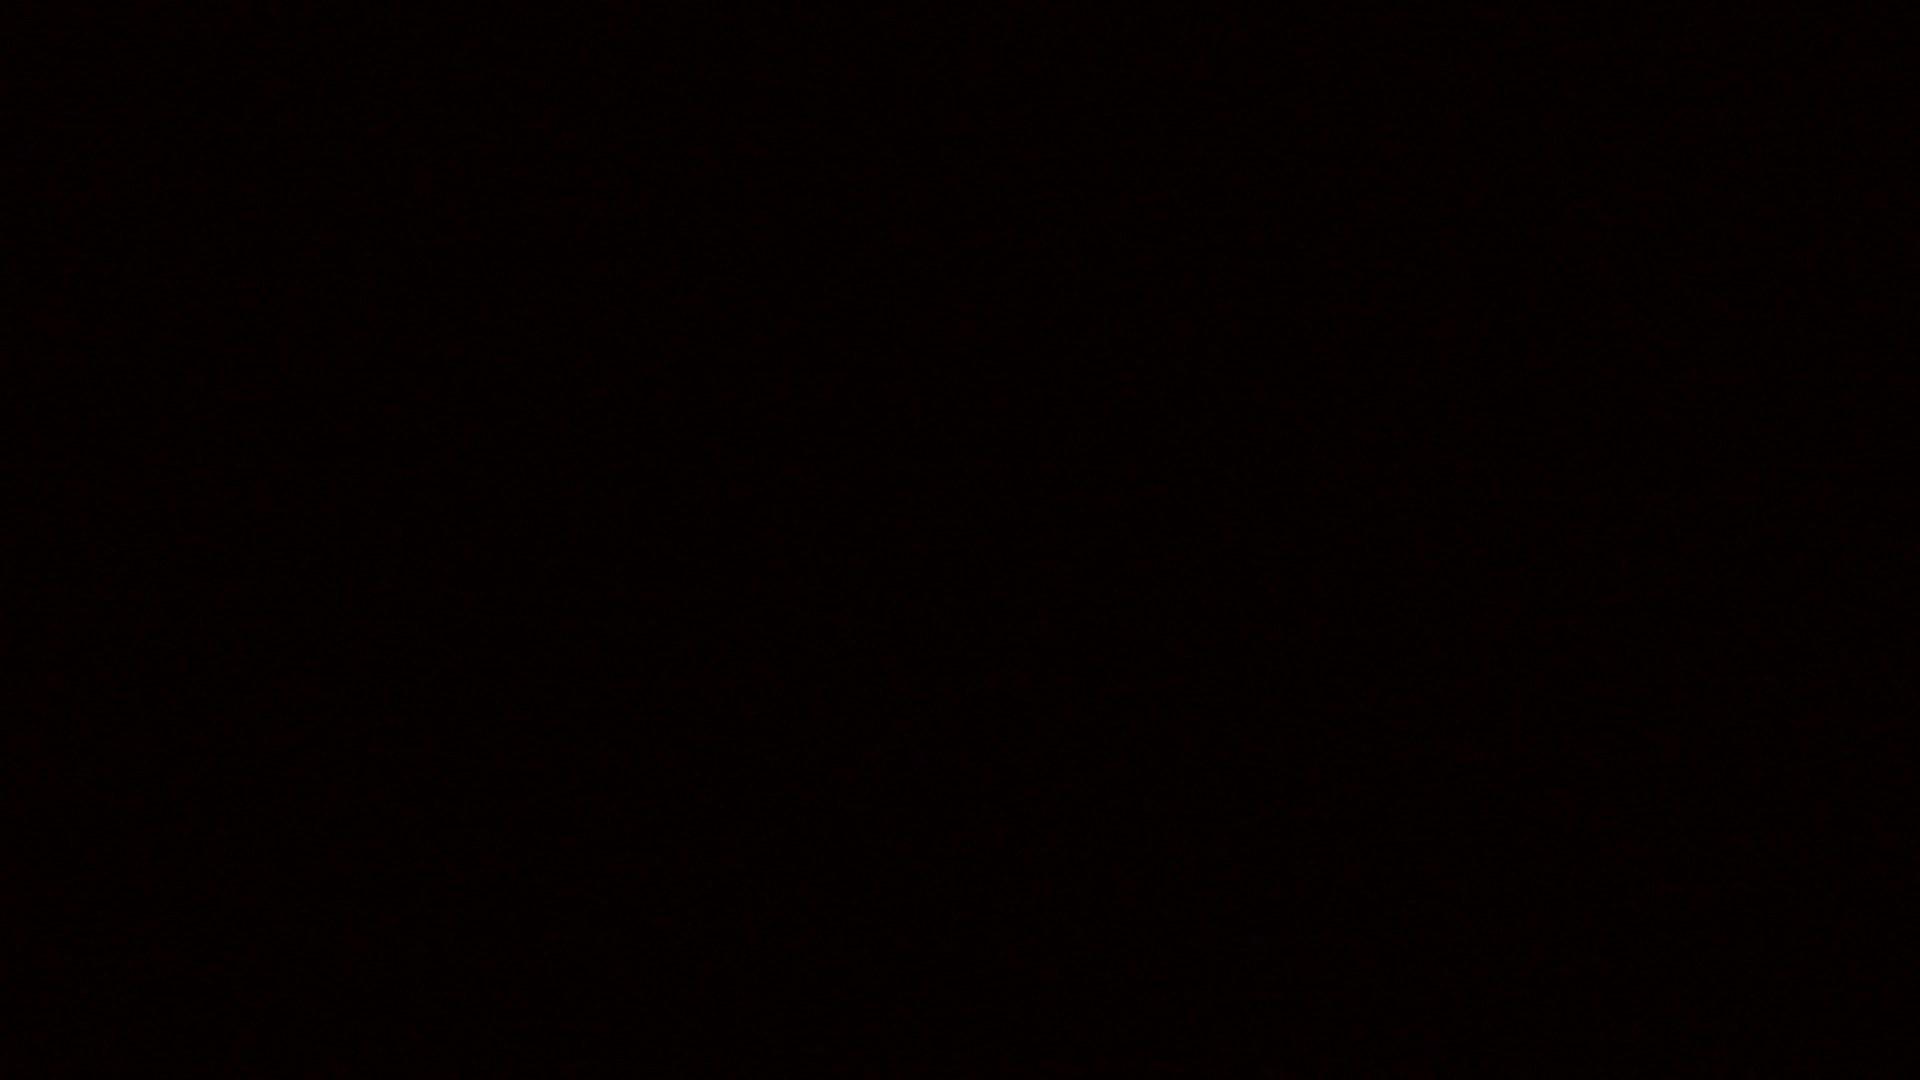 世界の射窓から vol.4 ギャル達 AV動画キャプチャ 99枚 8